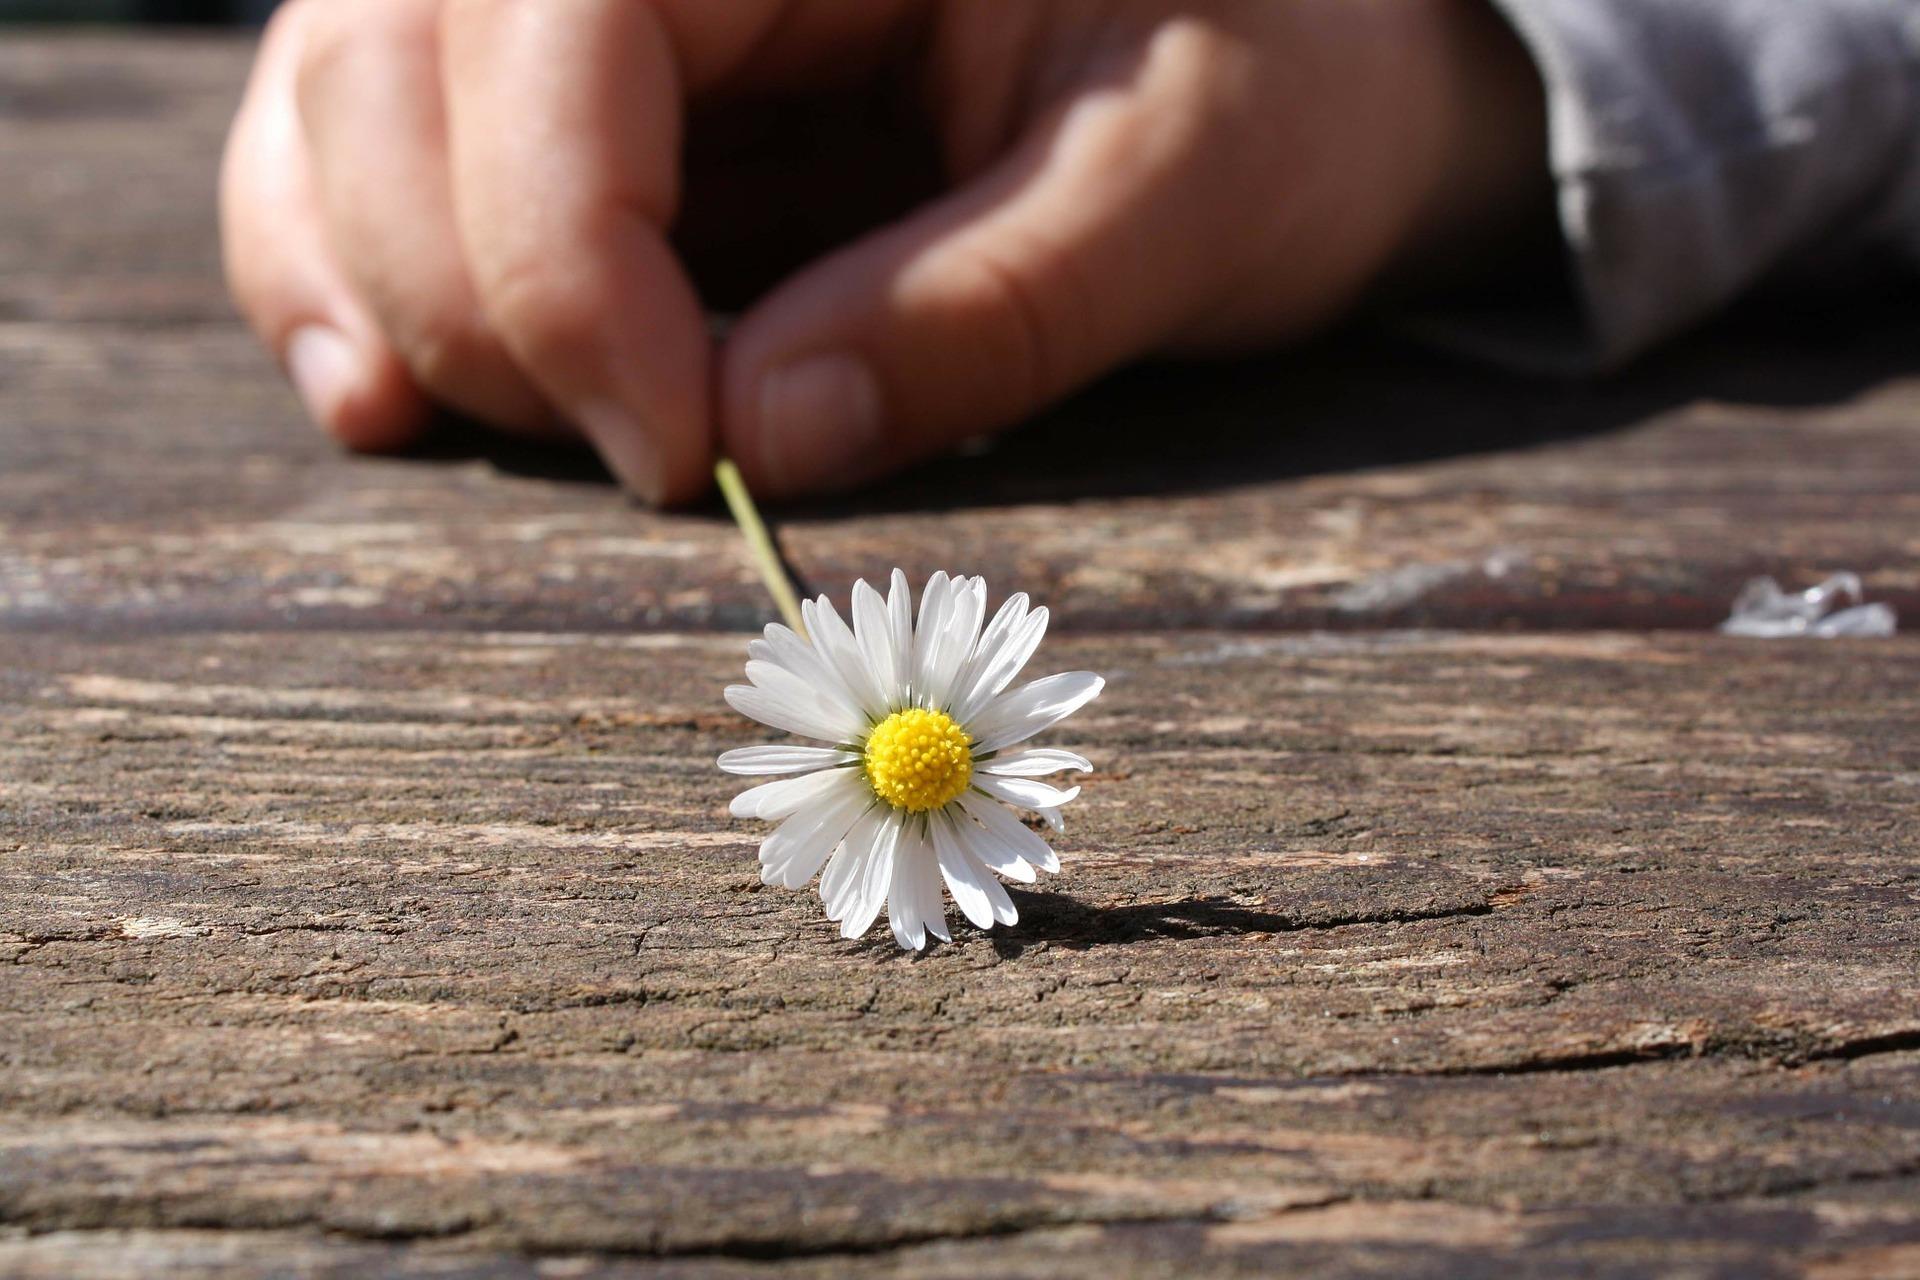 Nein mich macht nicht alles glücklich in meinem Leben, aber zumindest macht mich das meiste nicht mehr unglücklich.